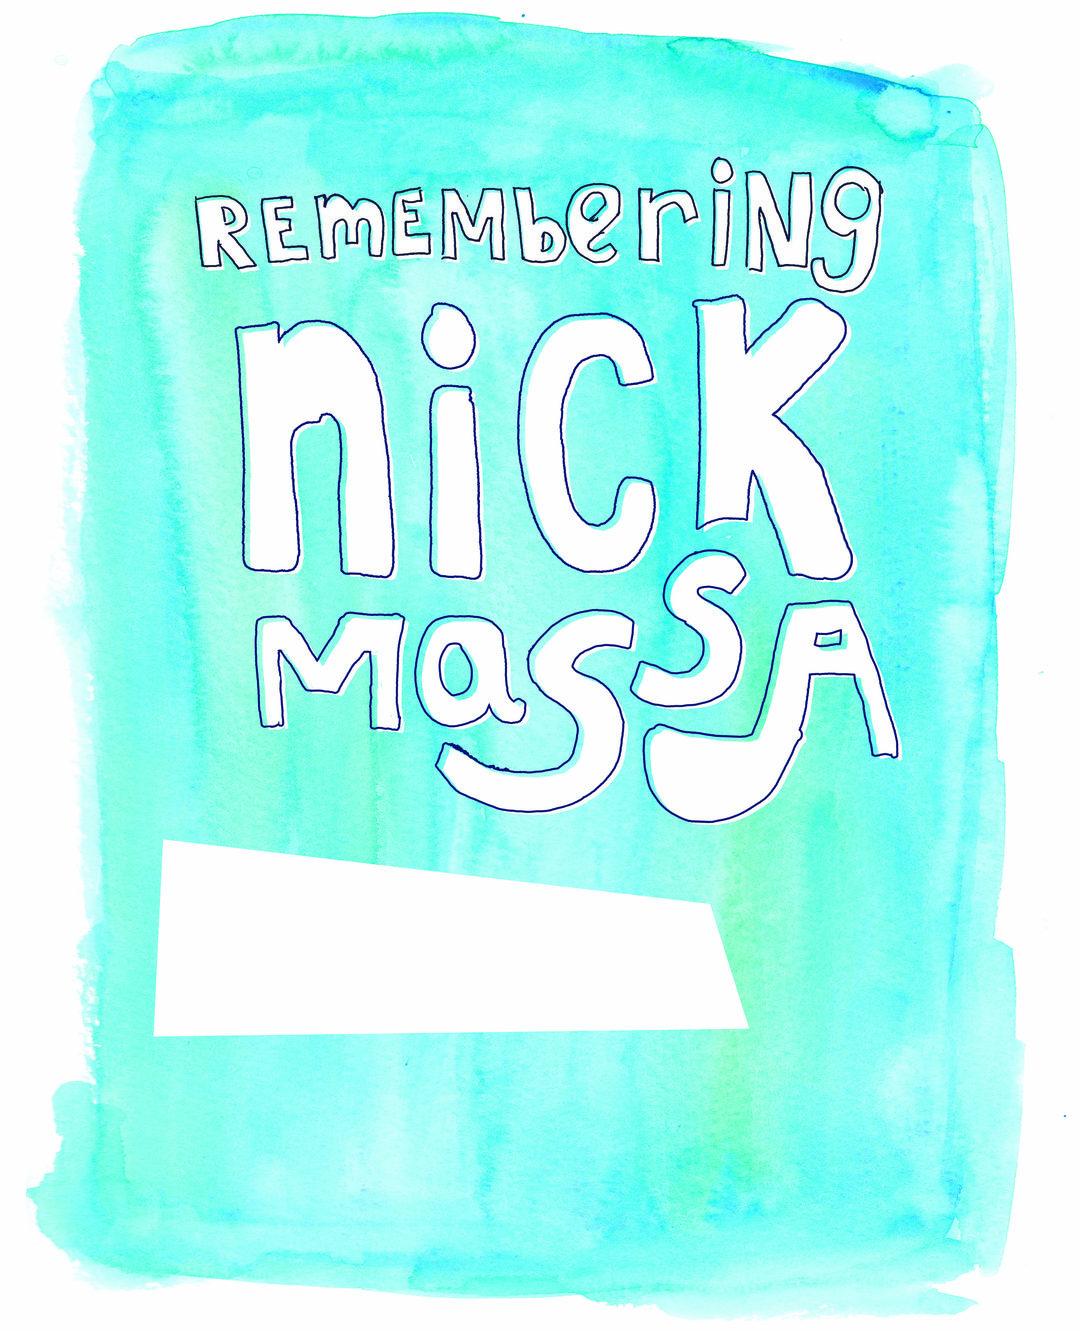 Page 34 of Remembering Nick Massa